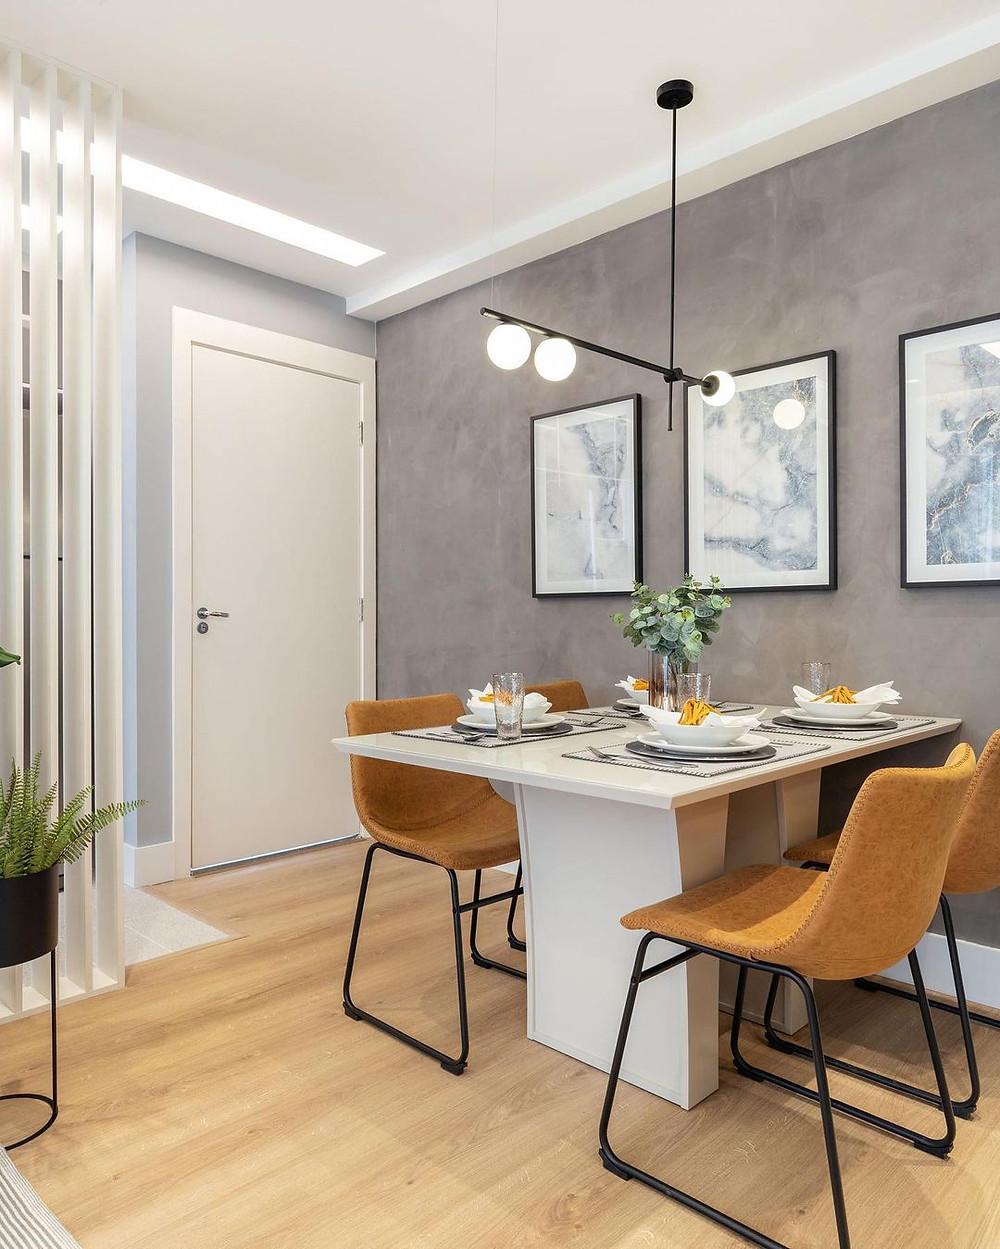 Sala moderna com piso laminado bege claro.